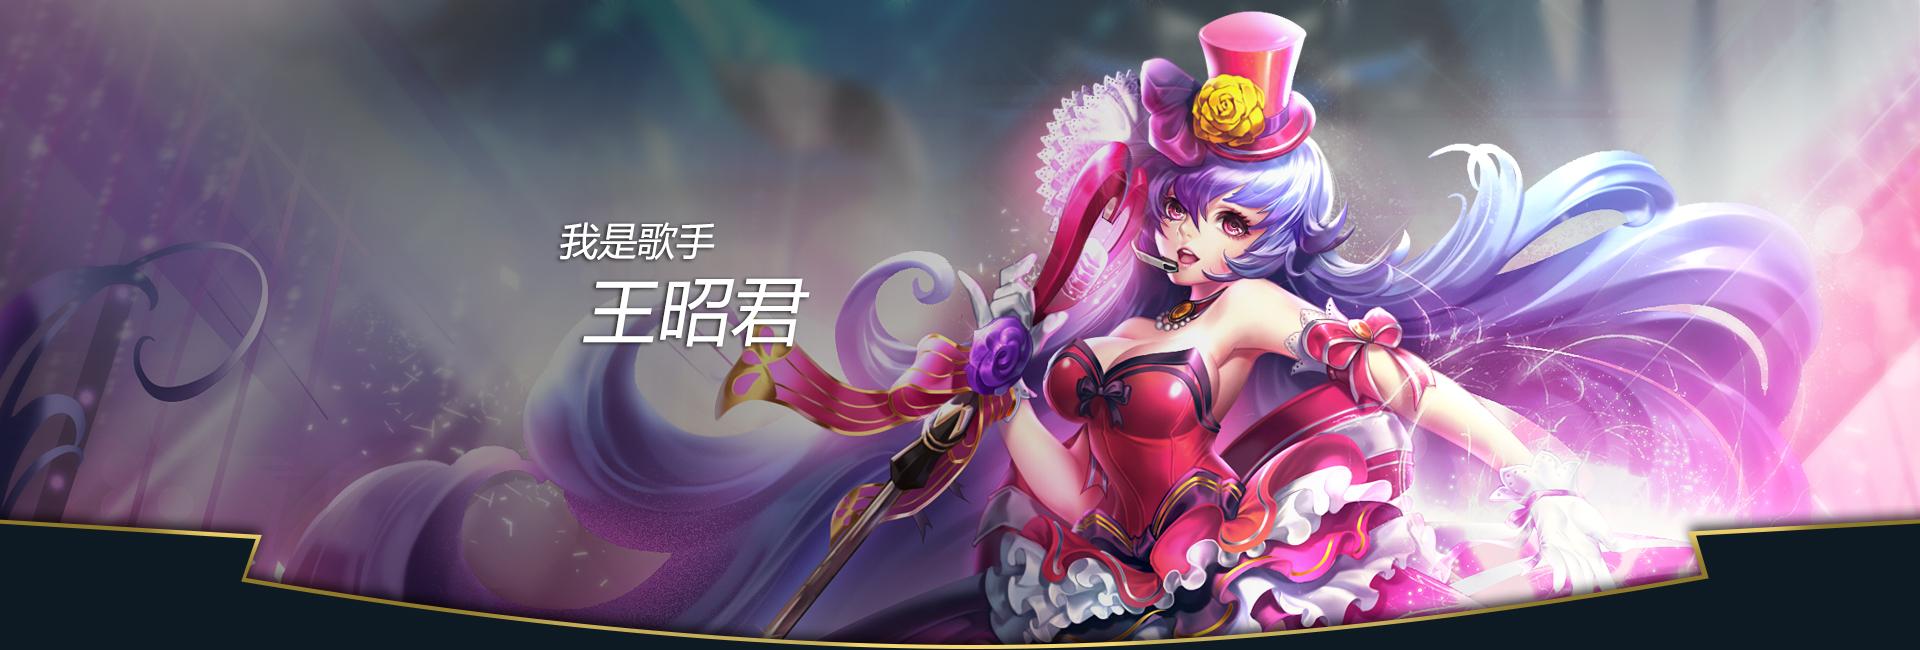 第2弹《王者荣耀英雄皮肤CG》竞技游戏63